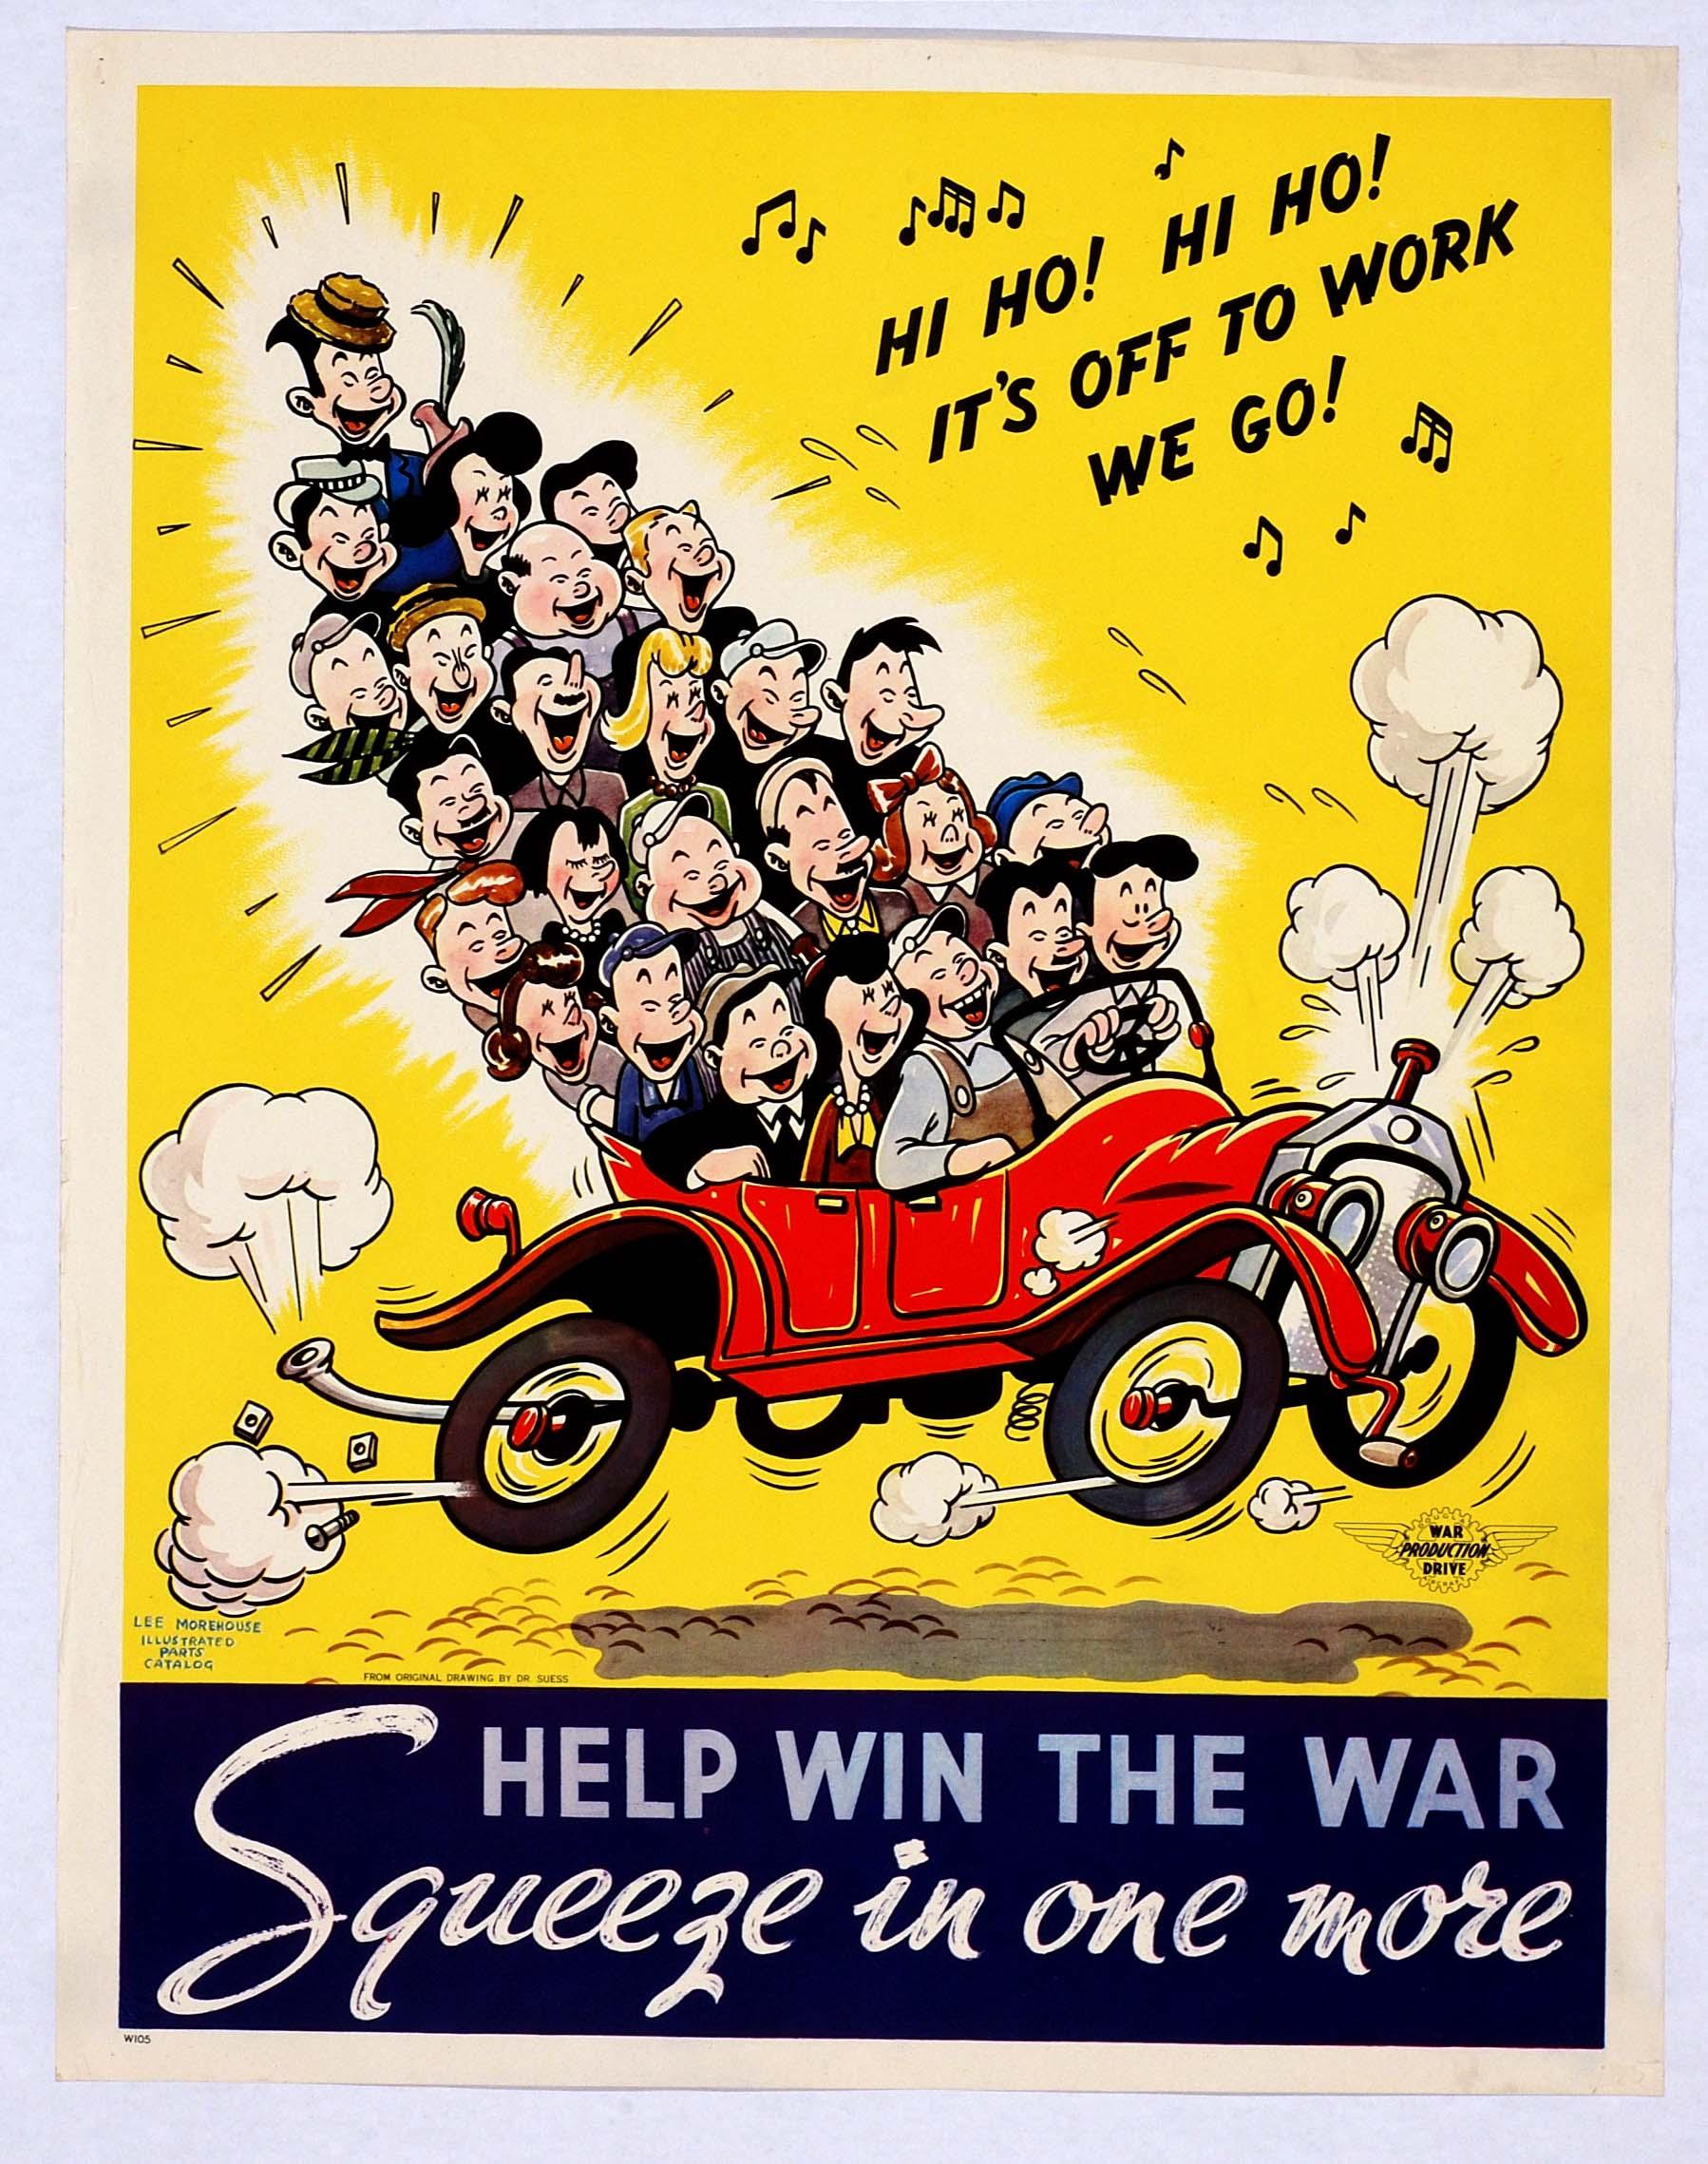 World War II Carpool Propaganda - Sociological Images